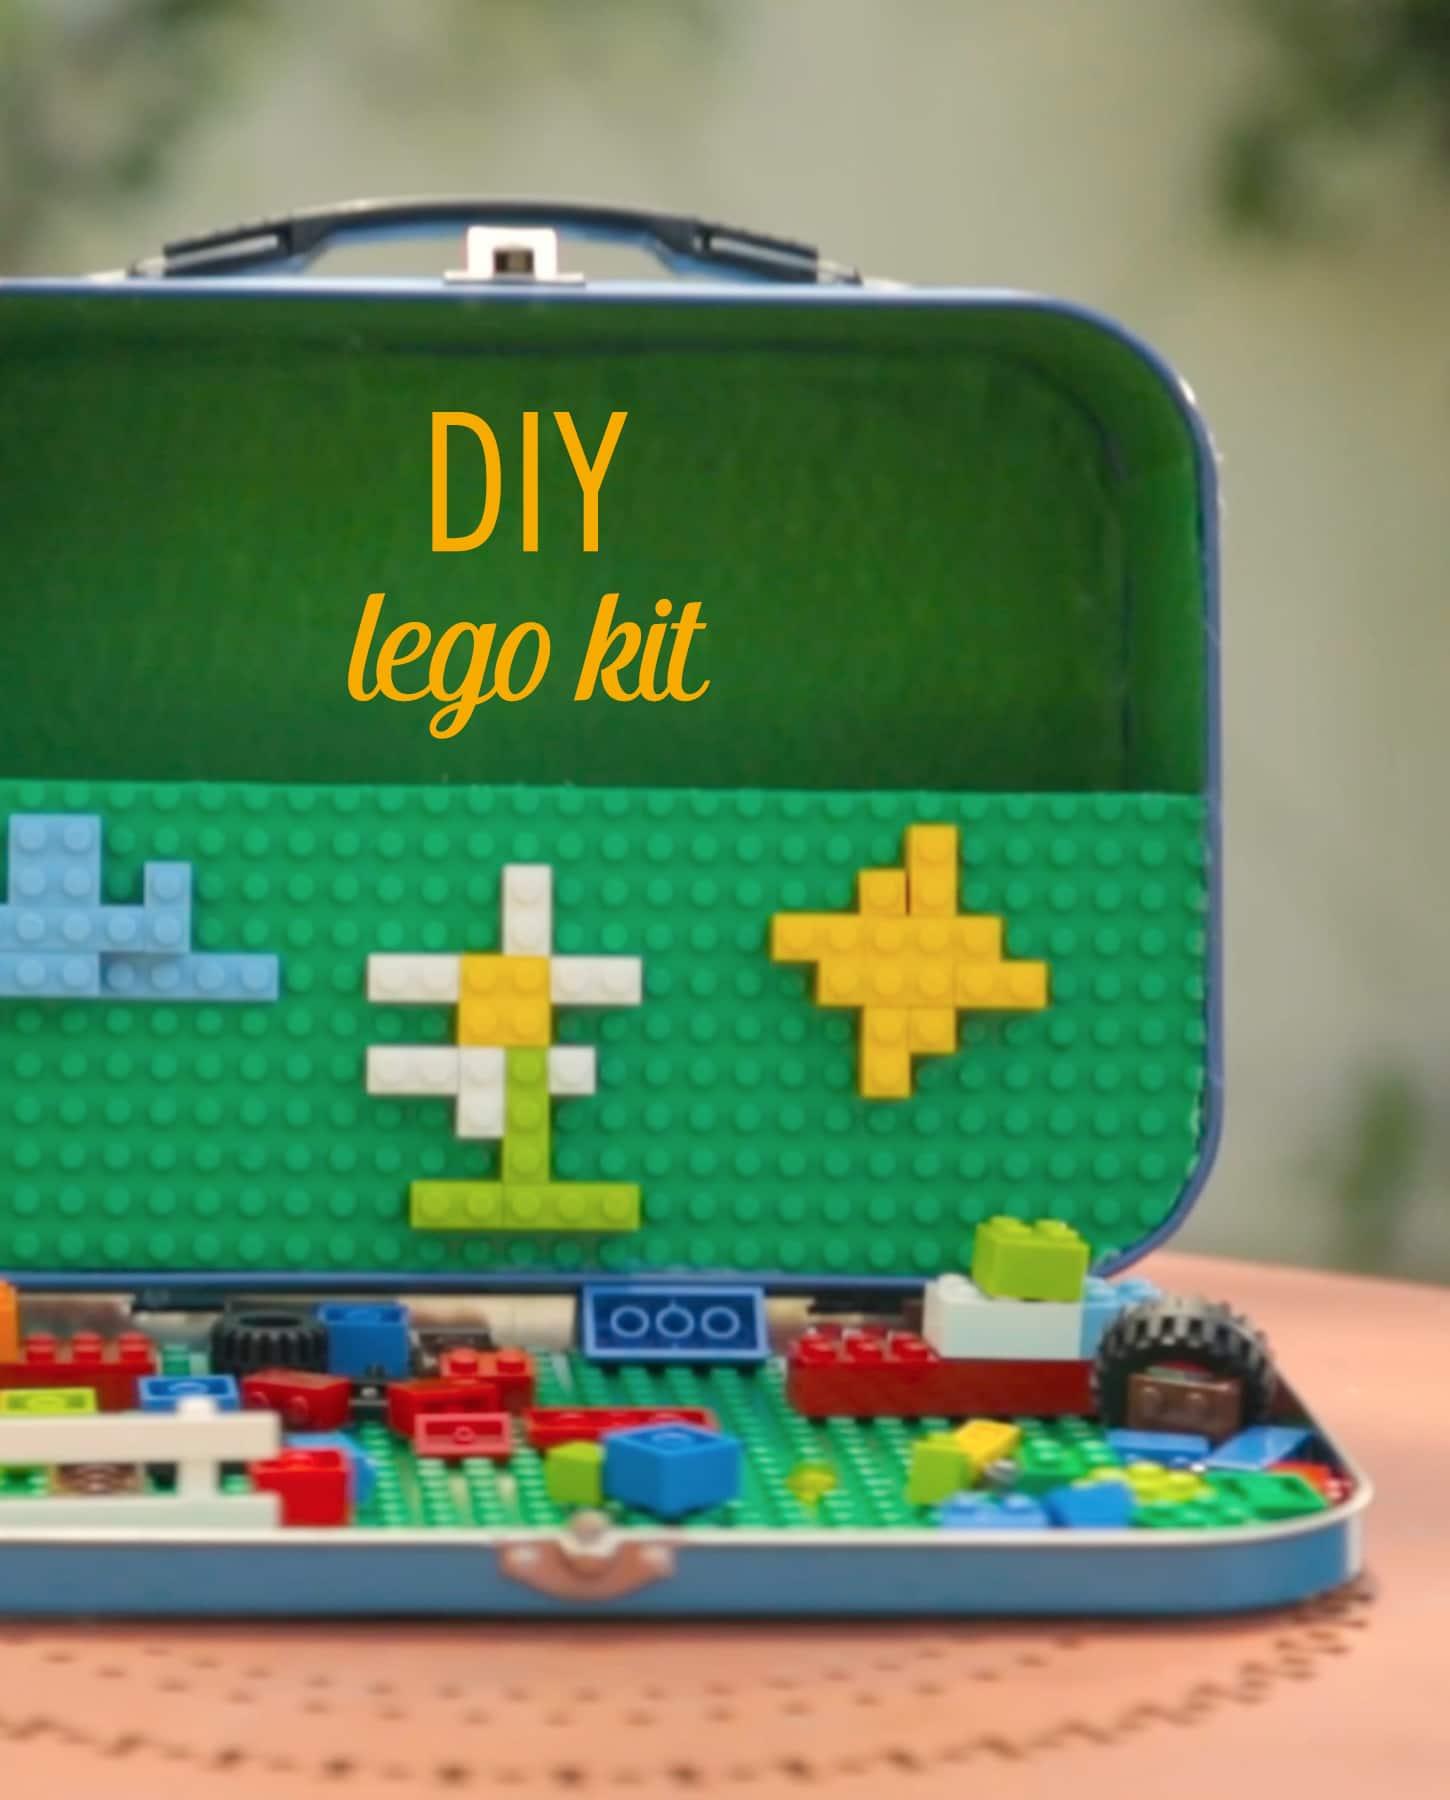 Praktisch und schnell herzustellen. (Foto: Babble.com)